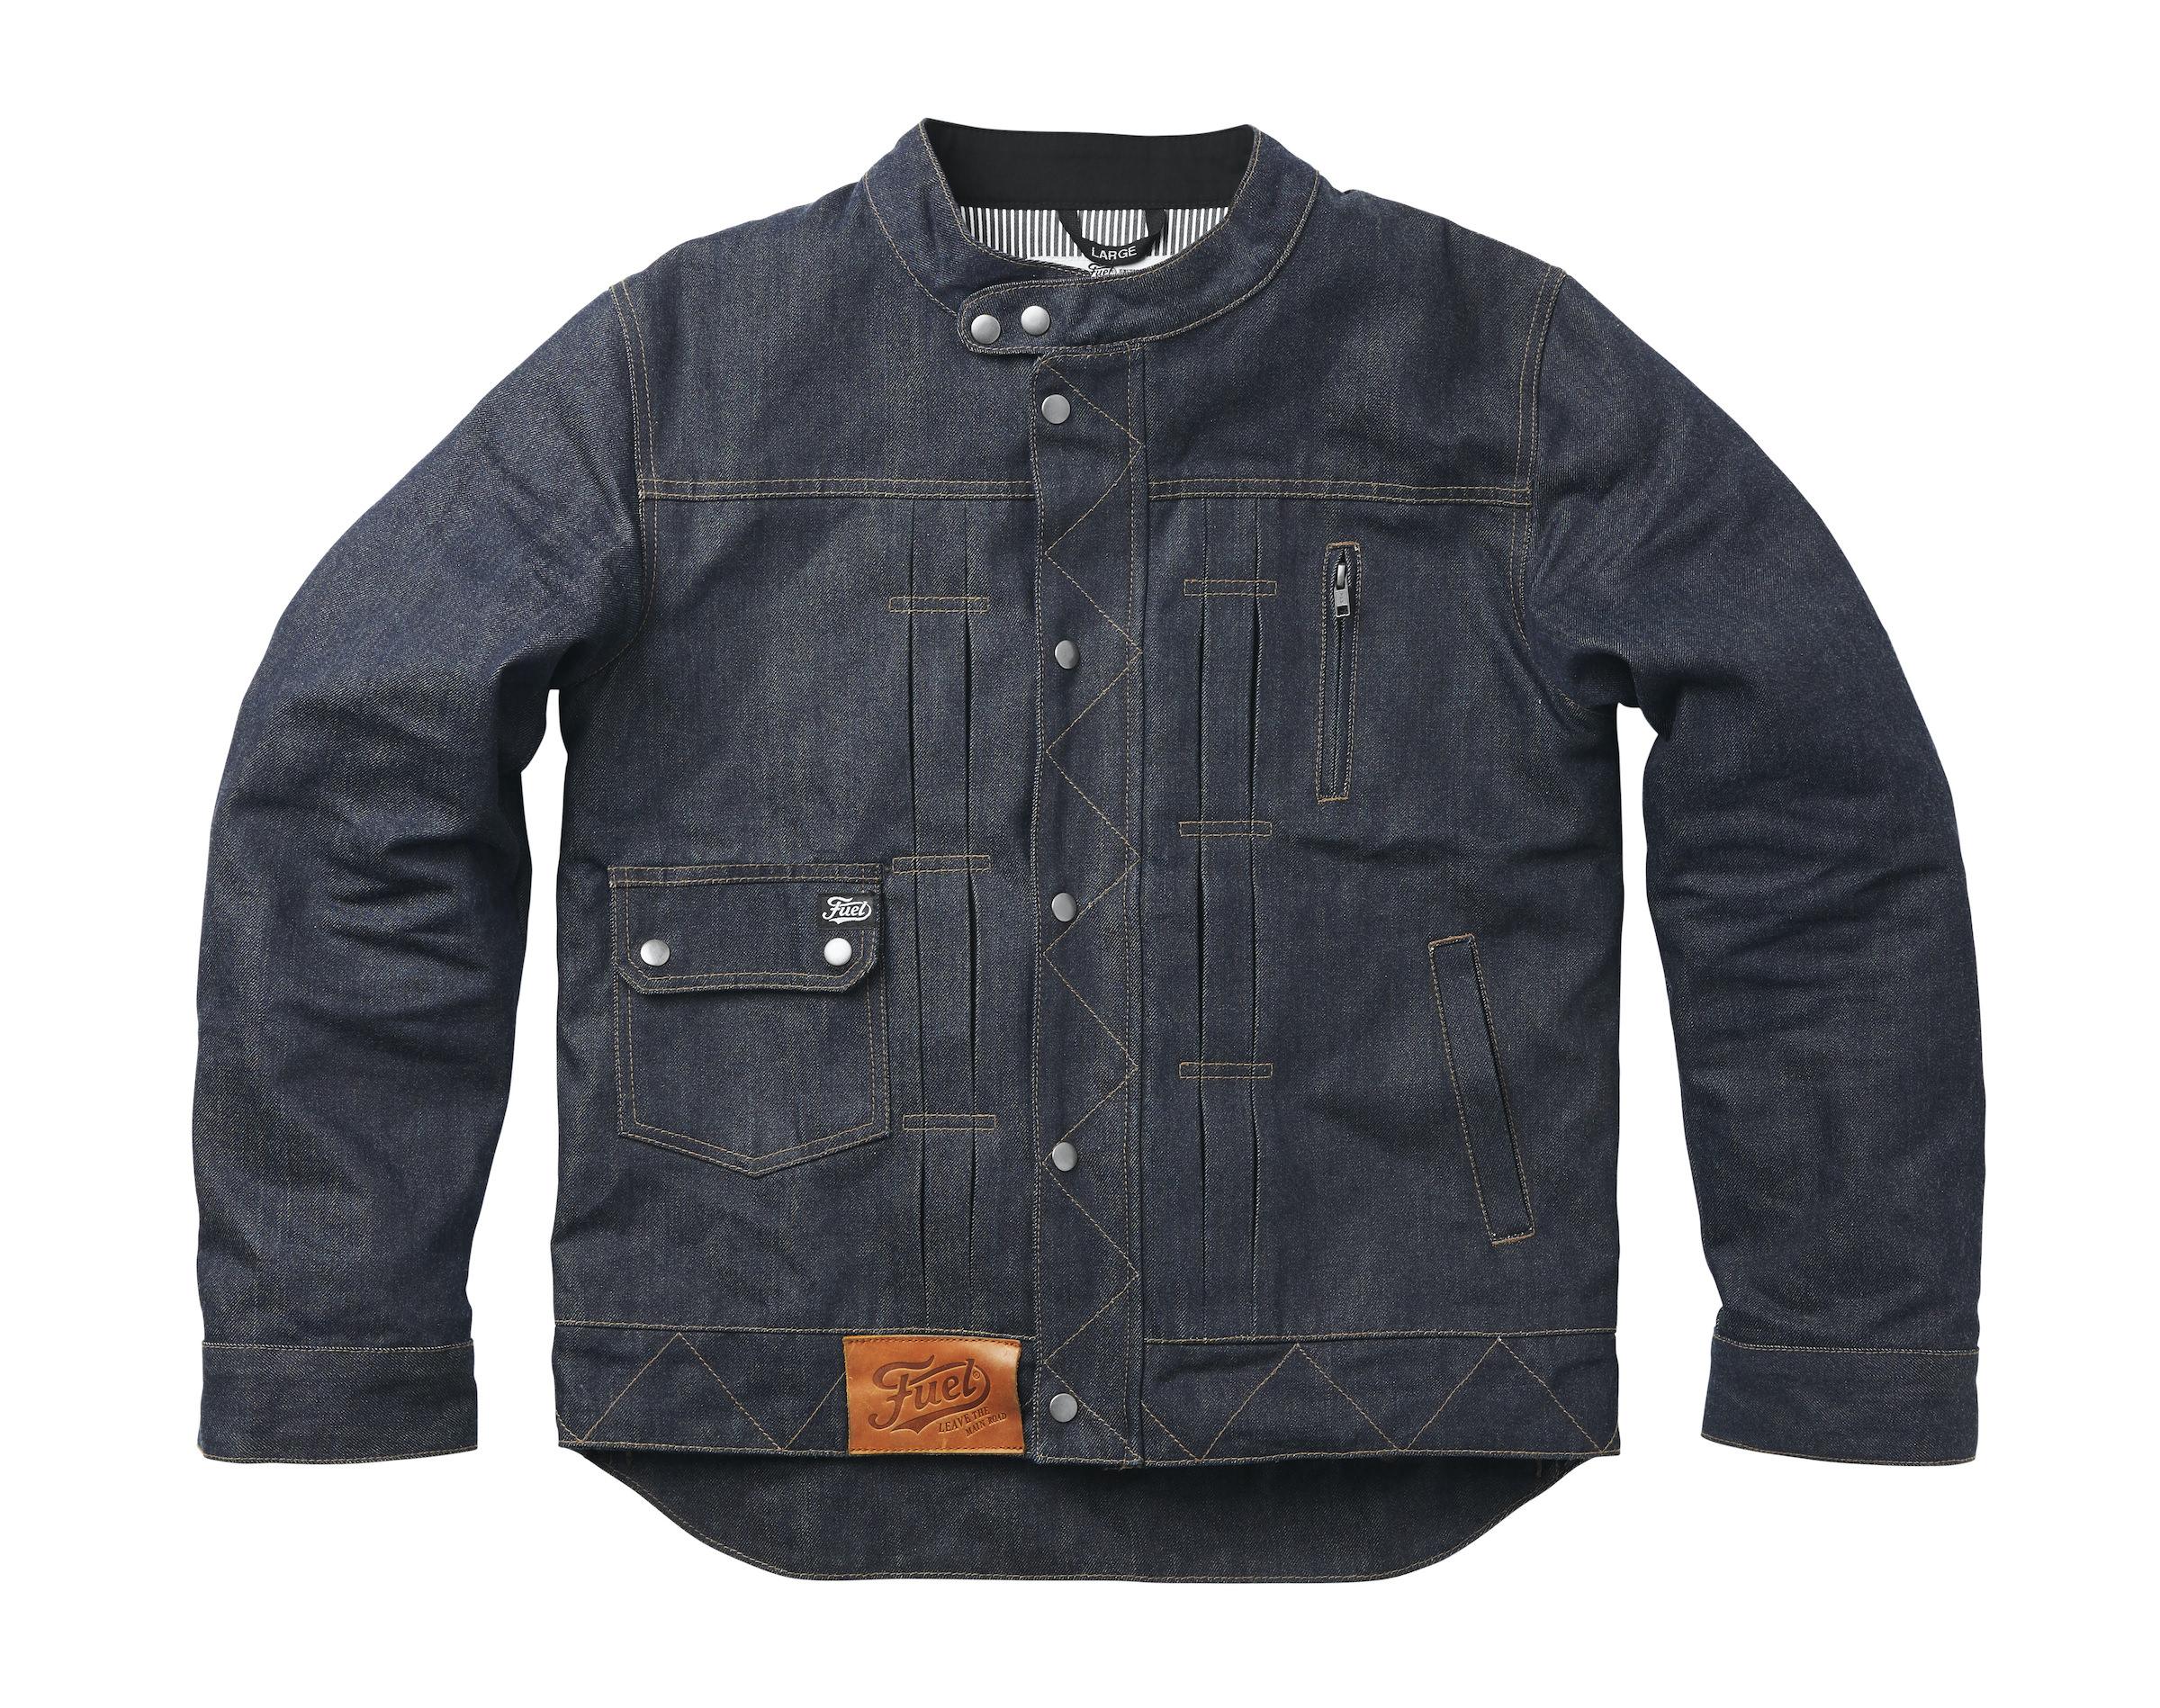 Fuel Greasy Denim Jacket